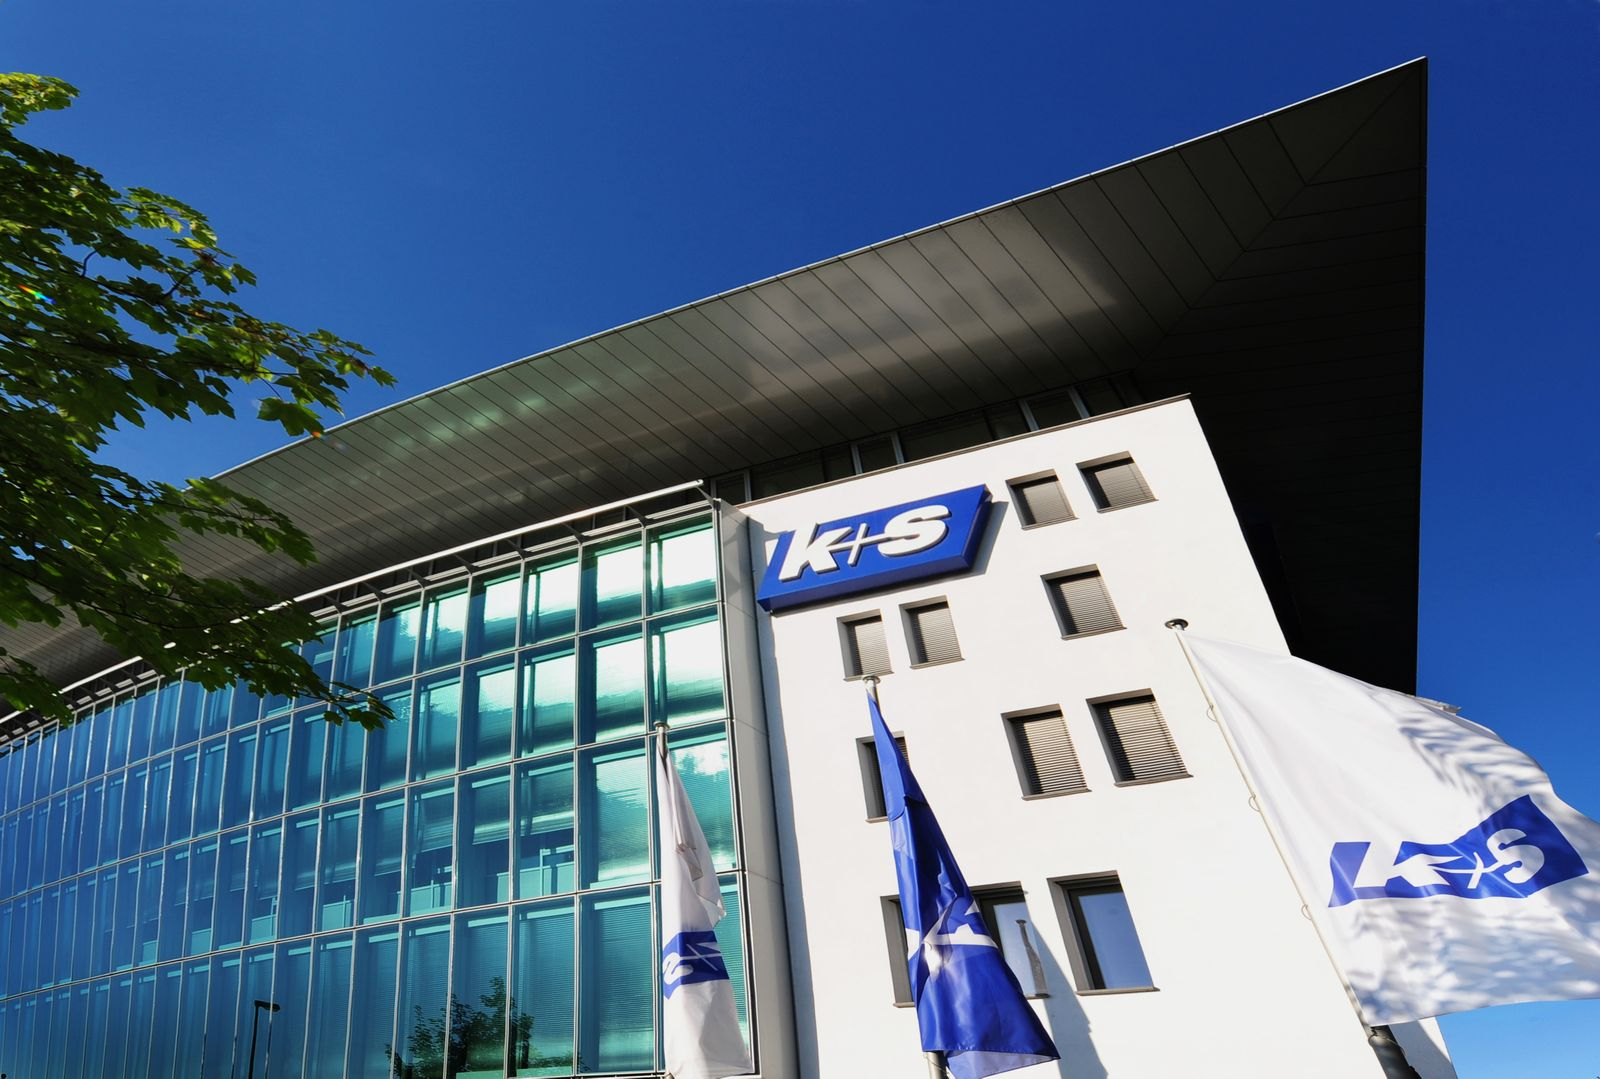 K+S Headquarter in Kassel